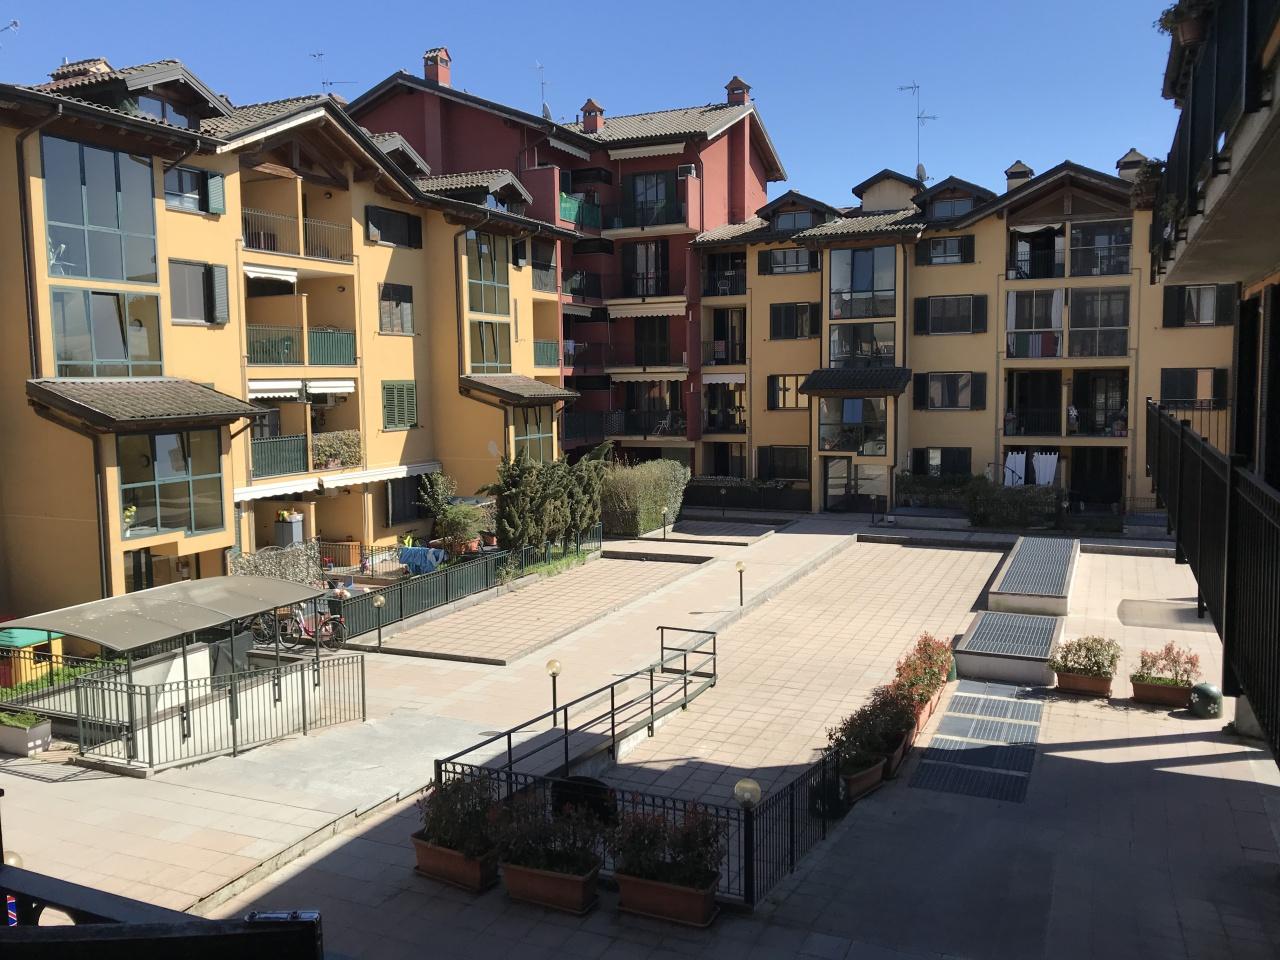 Appartamento in vendita a Landriano, 2 locali, prezzo € 95.000 | CambioCasa.it